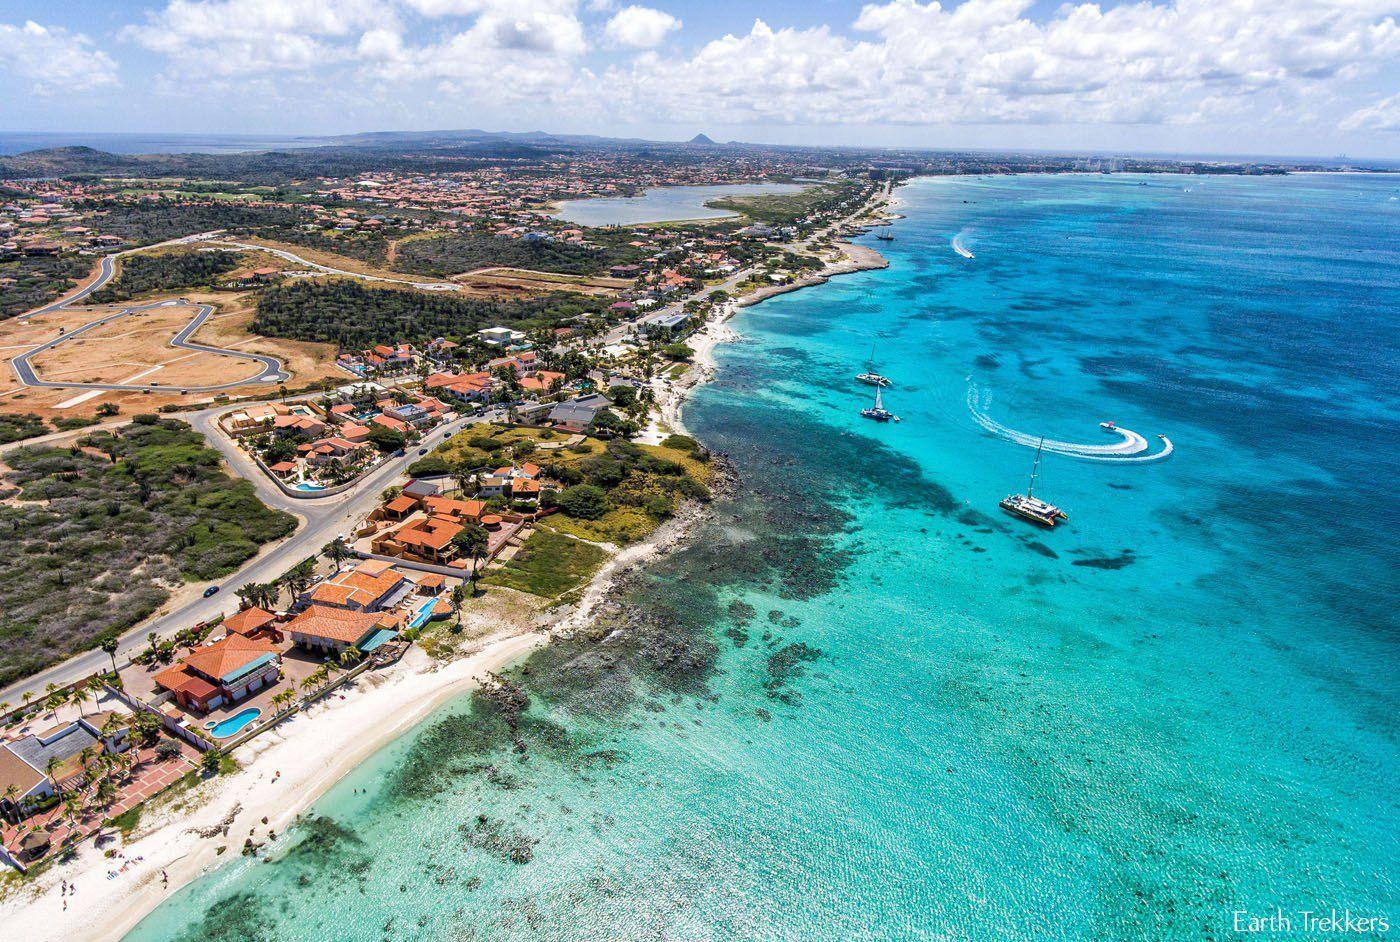 Aruba Drone Photo